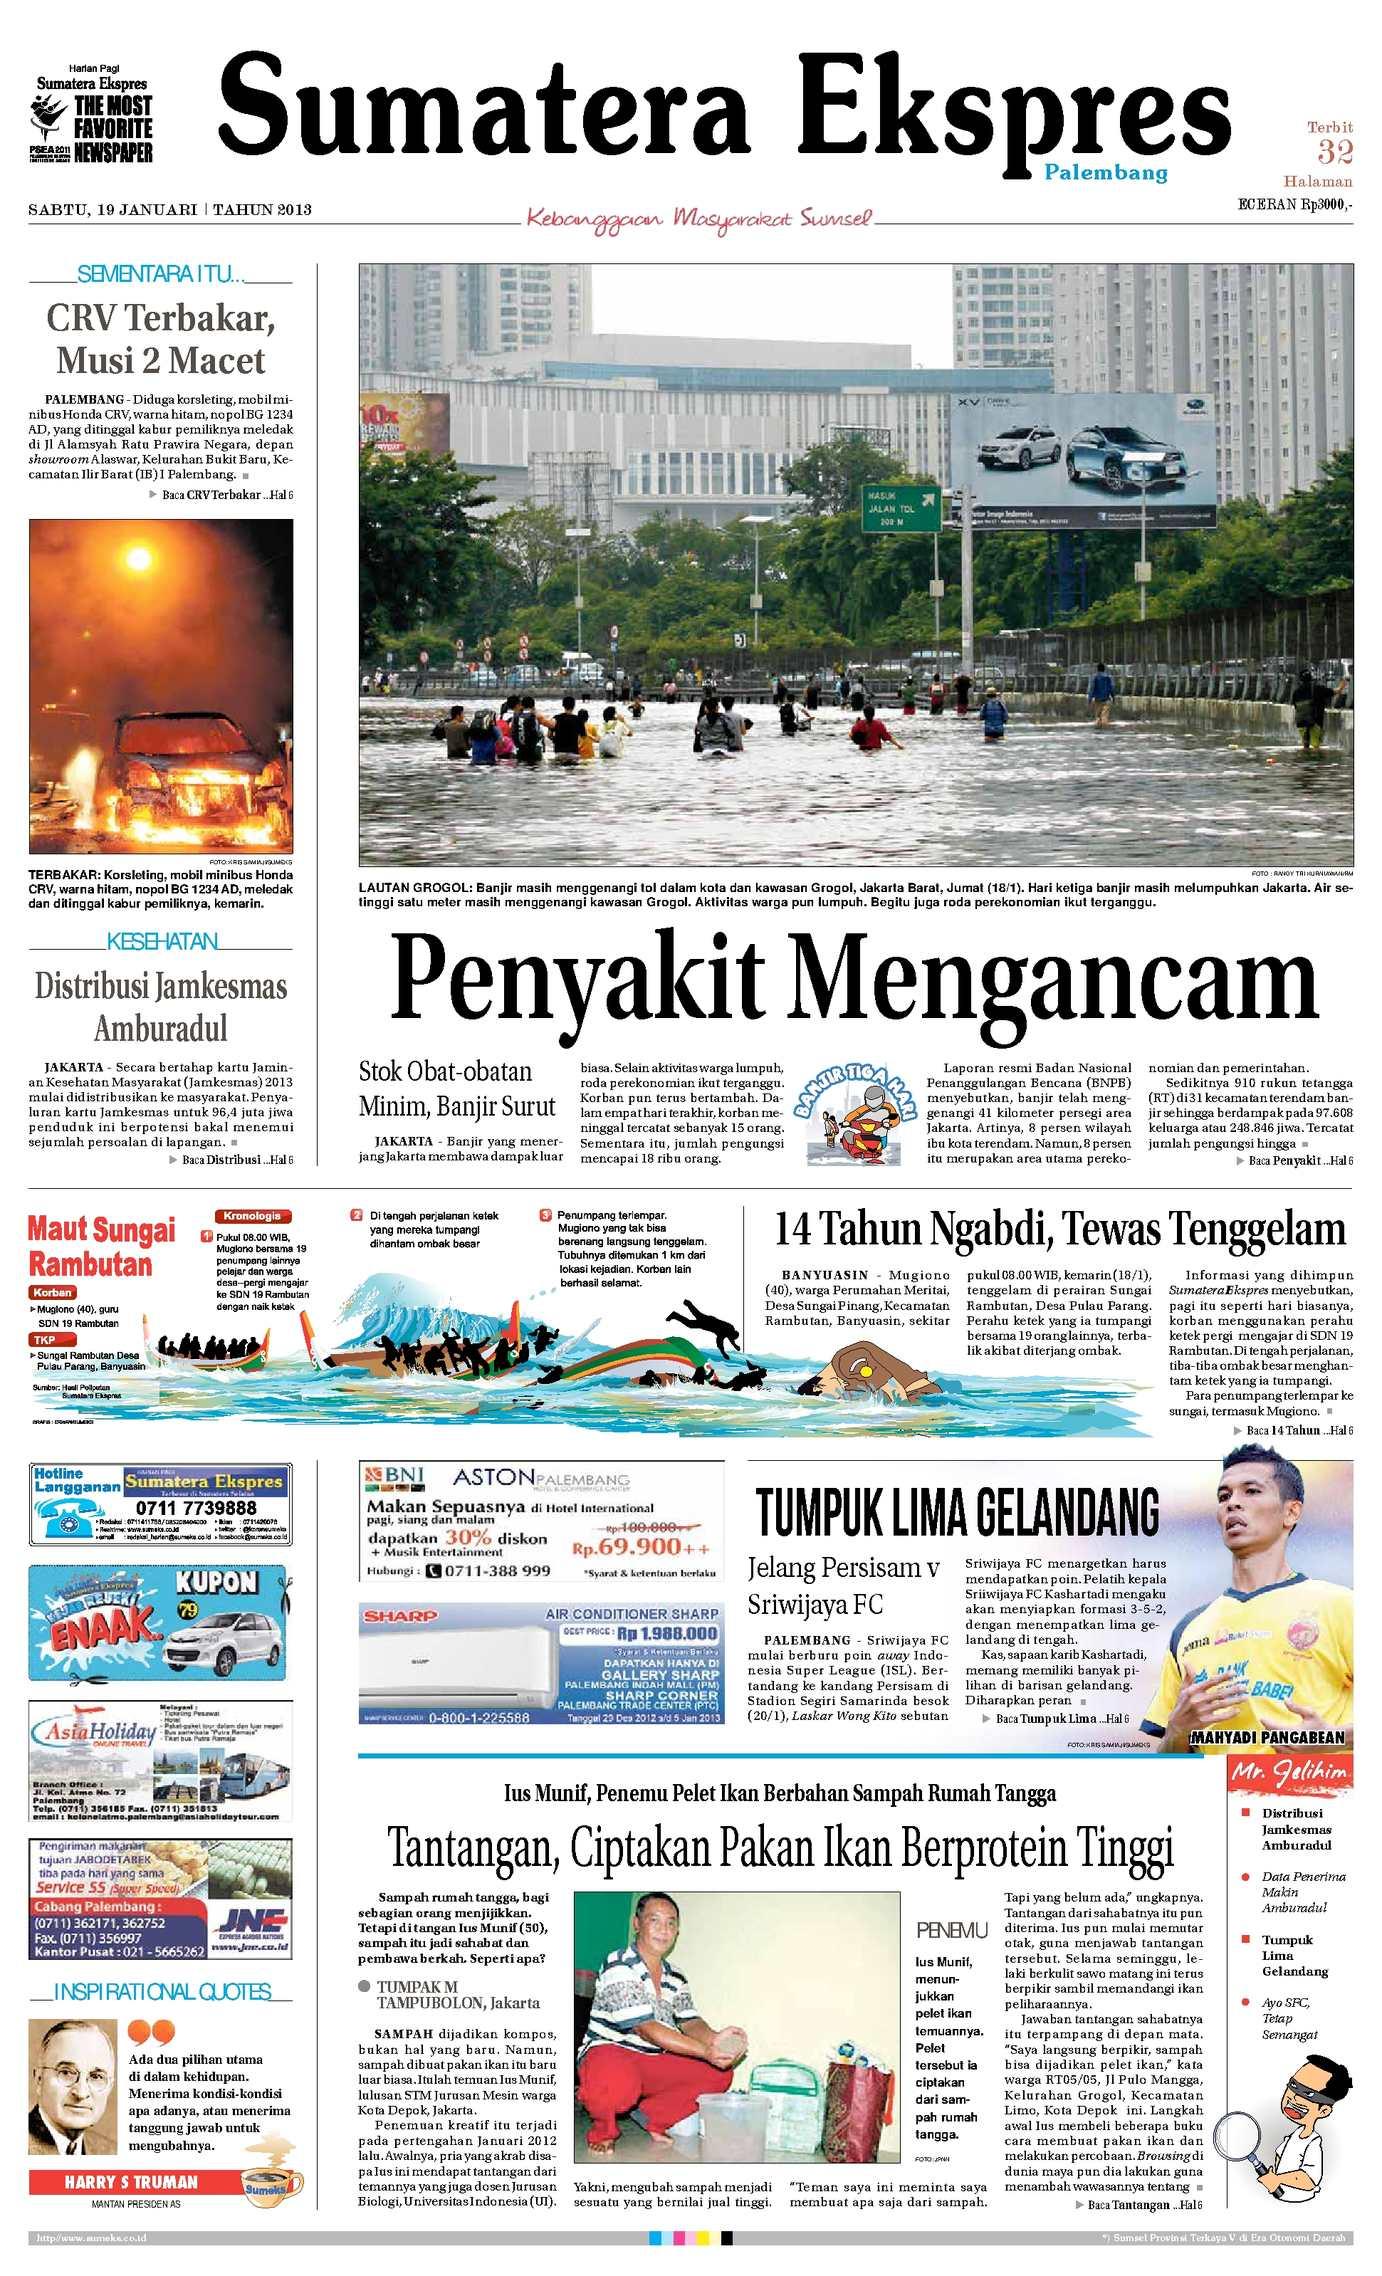 Calaméo - Sumatera Ekspres 19 Januari 2013